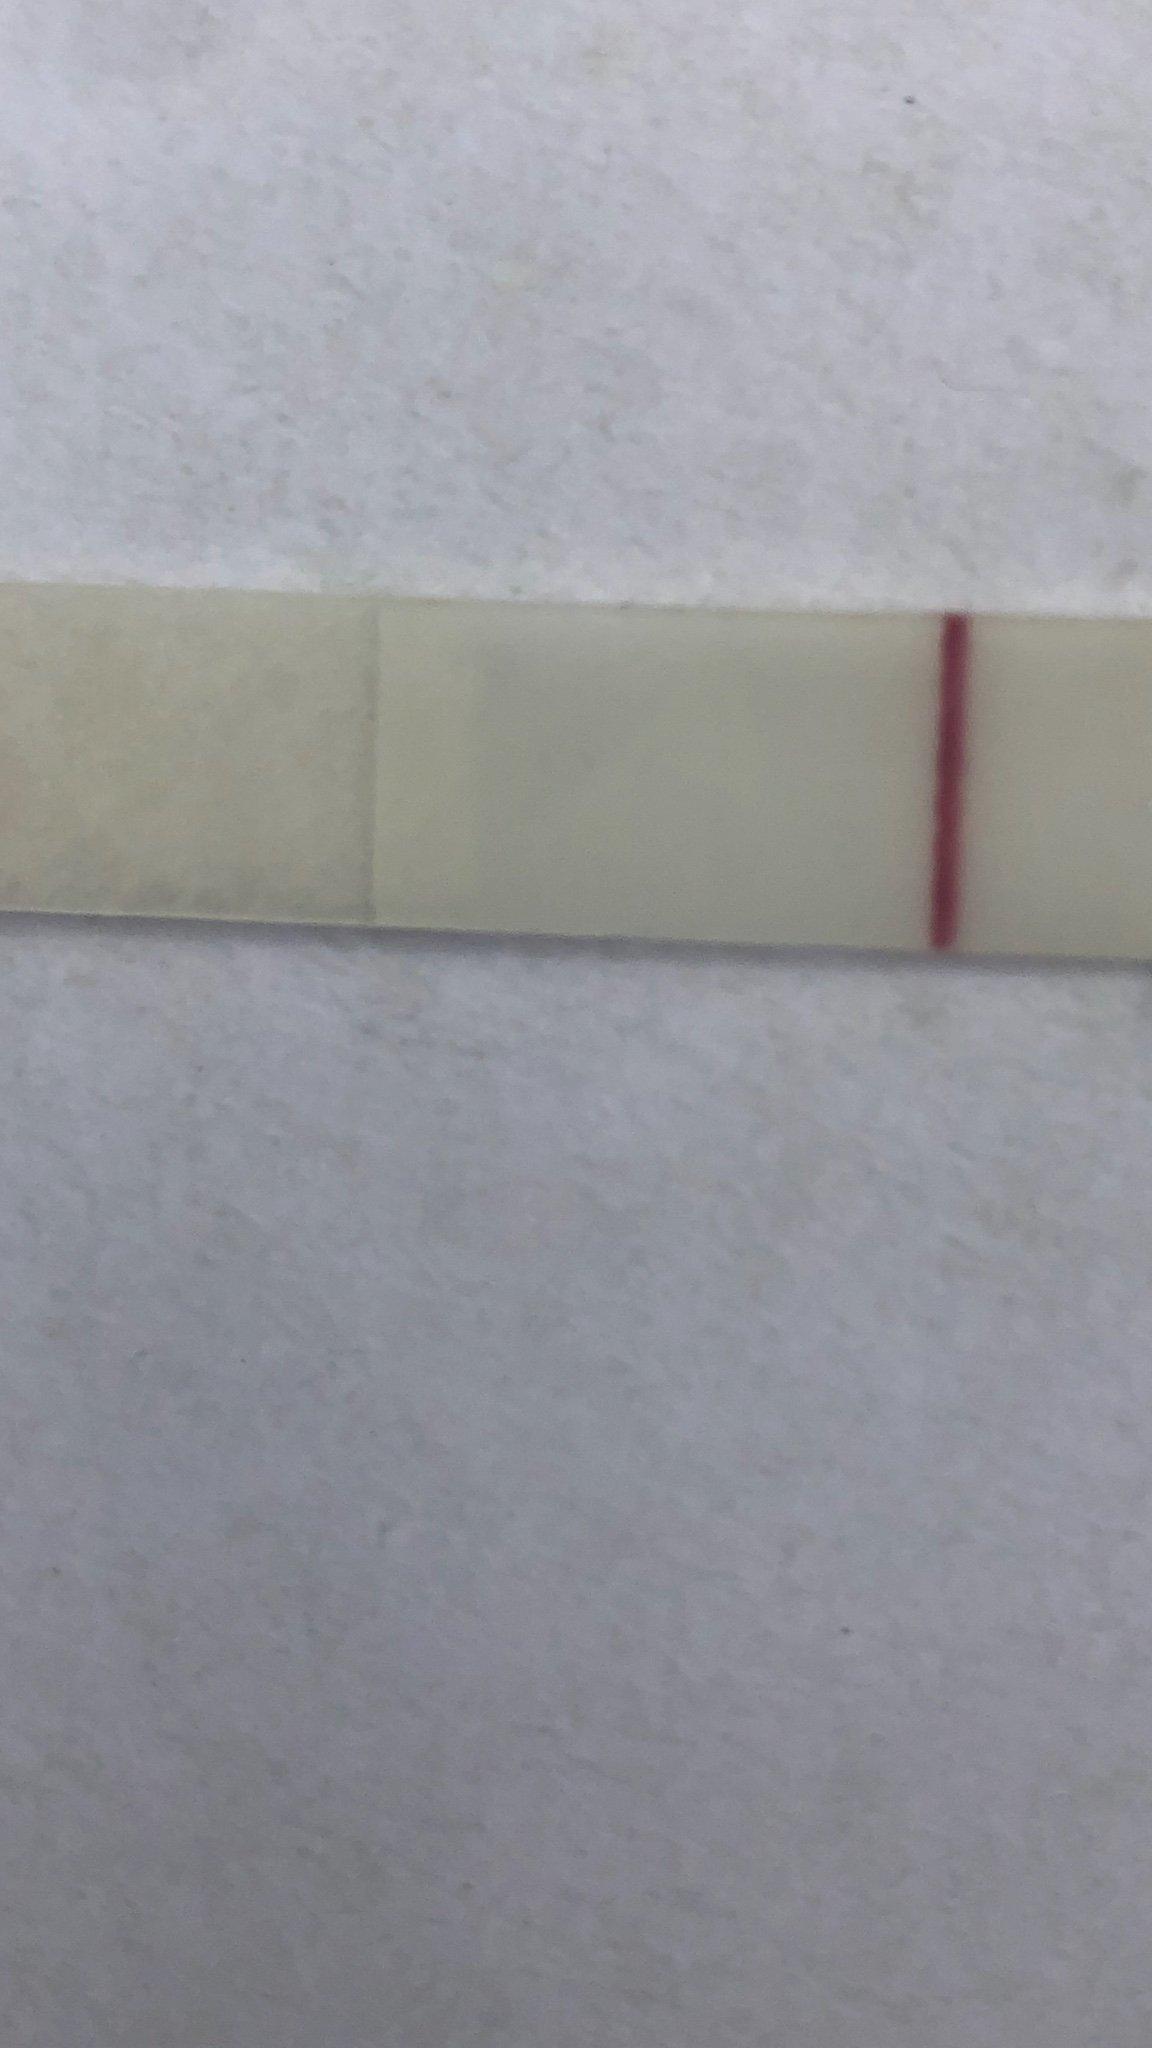 f8ecf529b8b15e03c8b1b4fda7e6eb7d